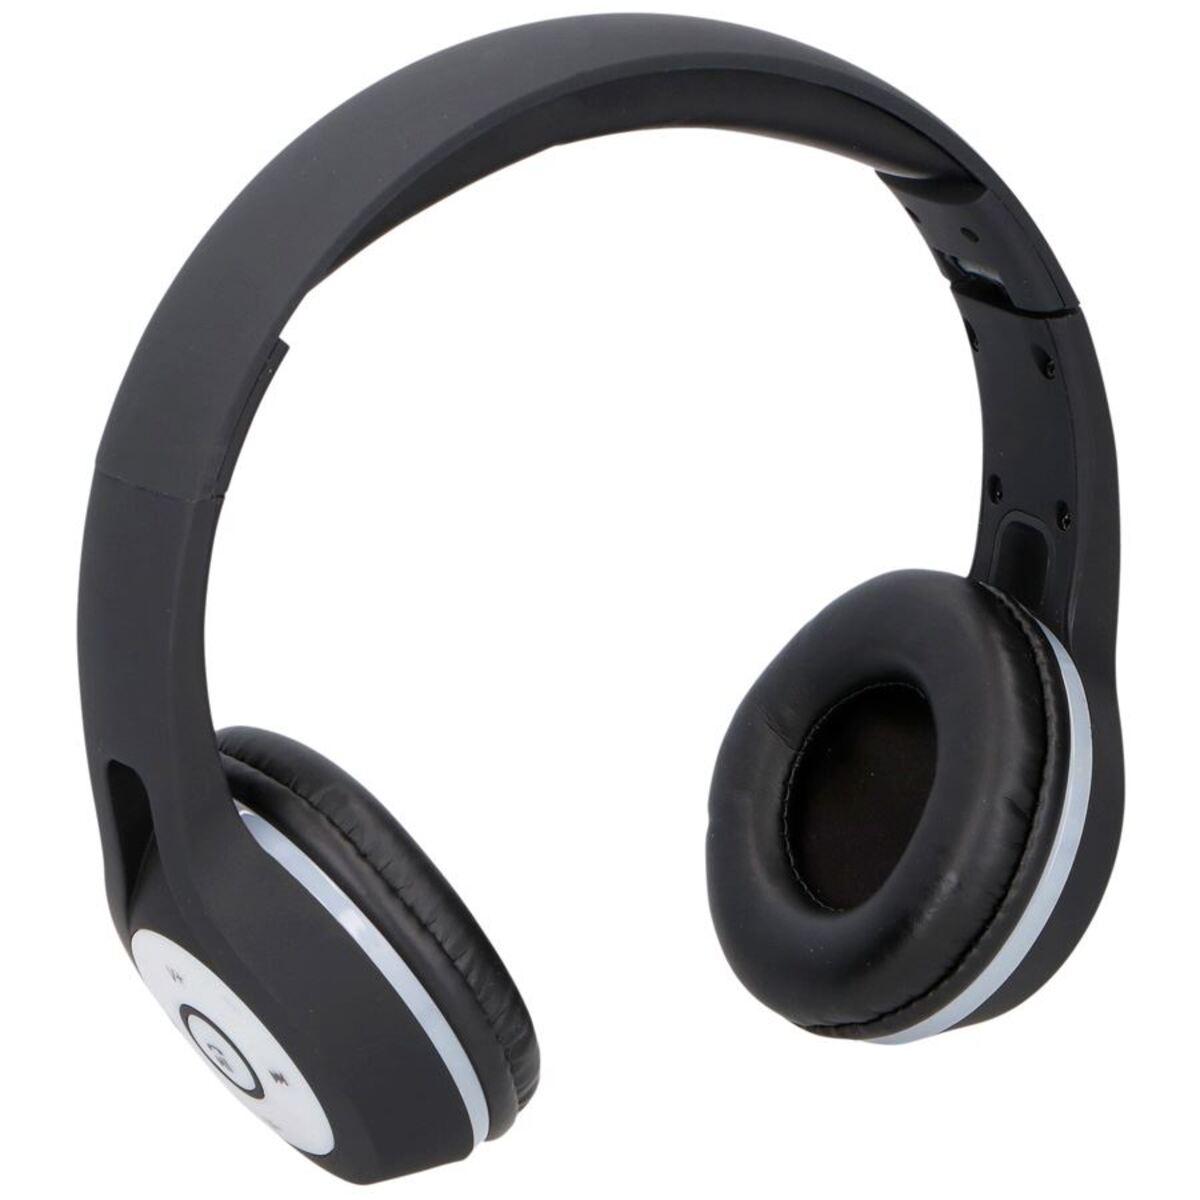 Bild 2 von Grundig Bluetooth-Stereo-Kopfhörer mit LED-Diskolicht